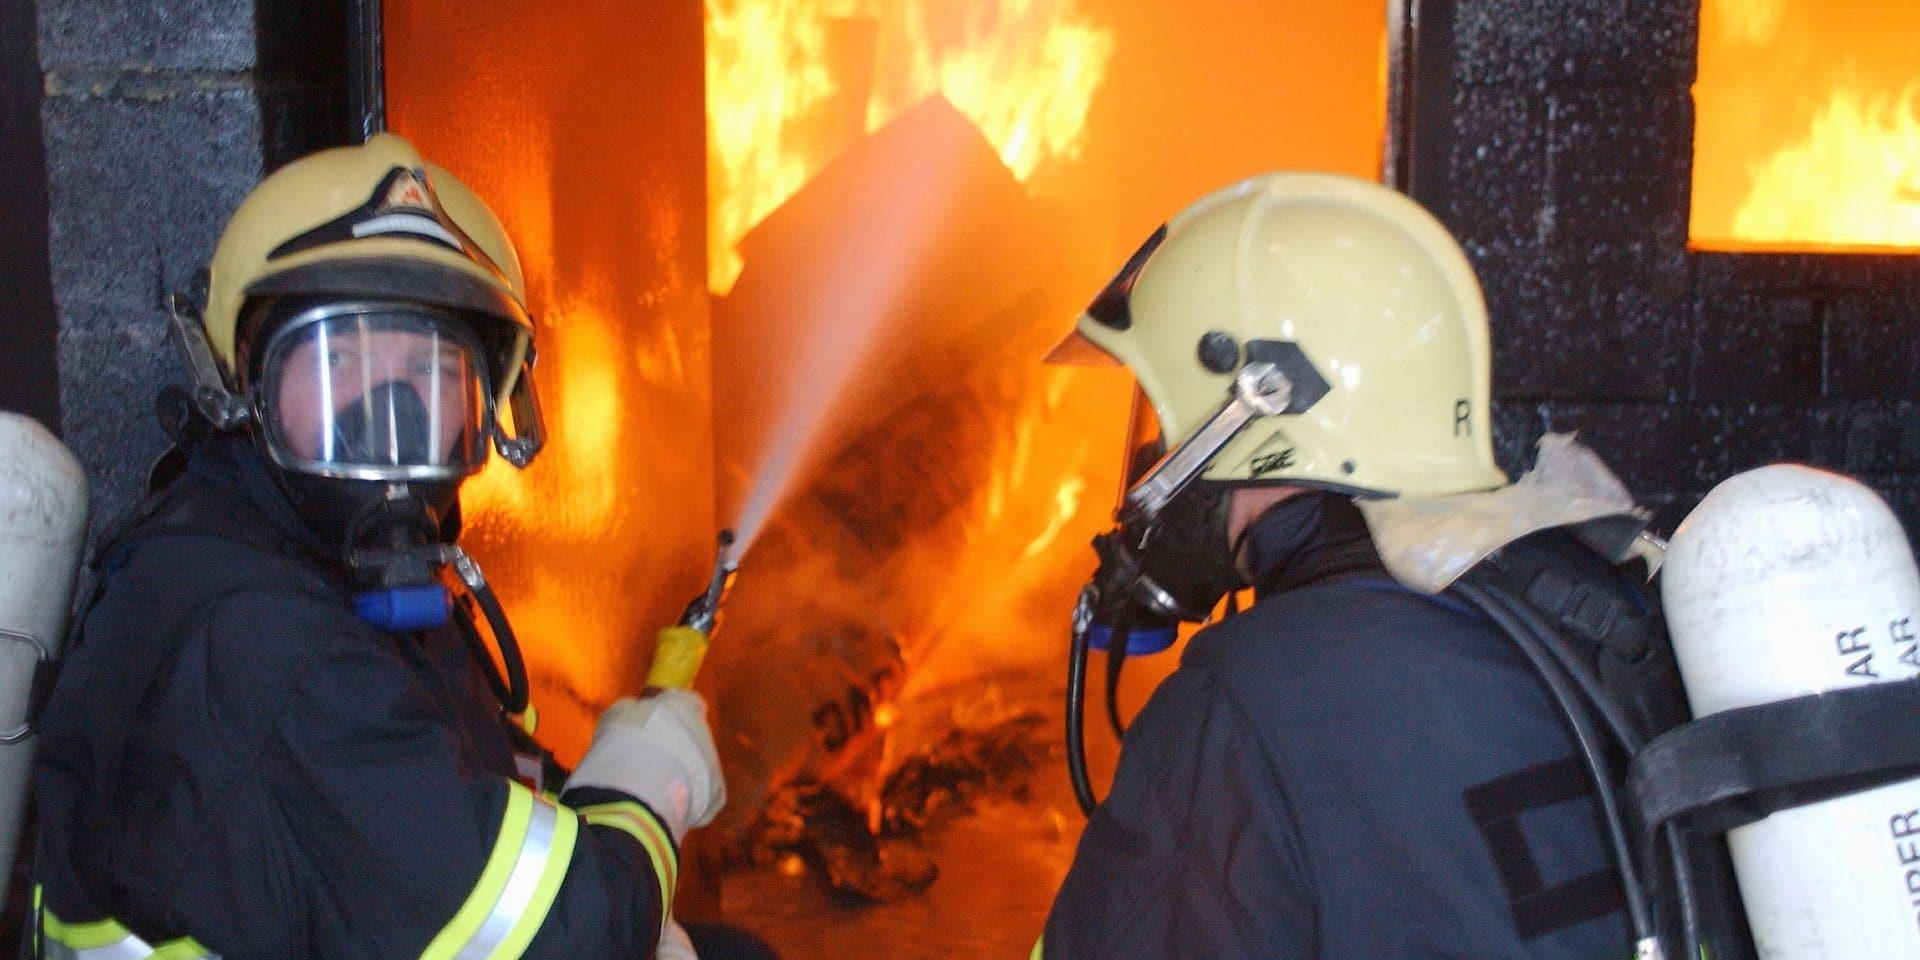 Incendie volontaire d'une habitation à Wavre : les occupants de la maison voisine évacués